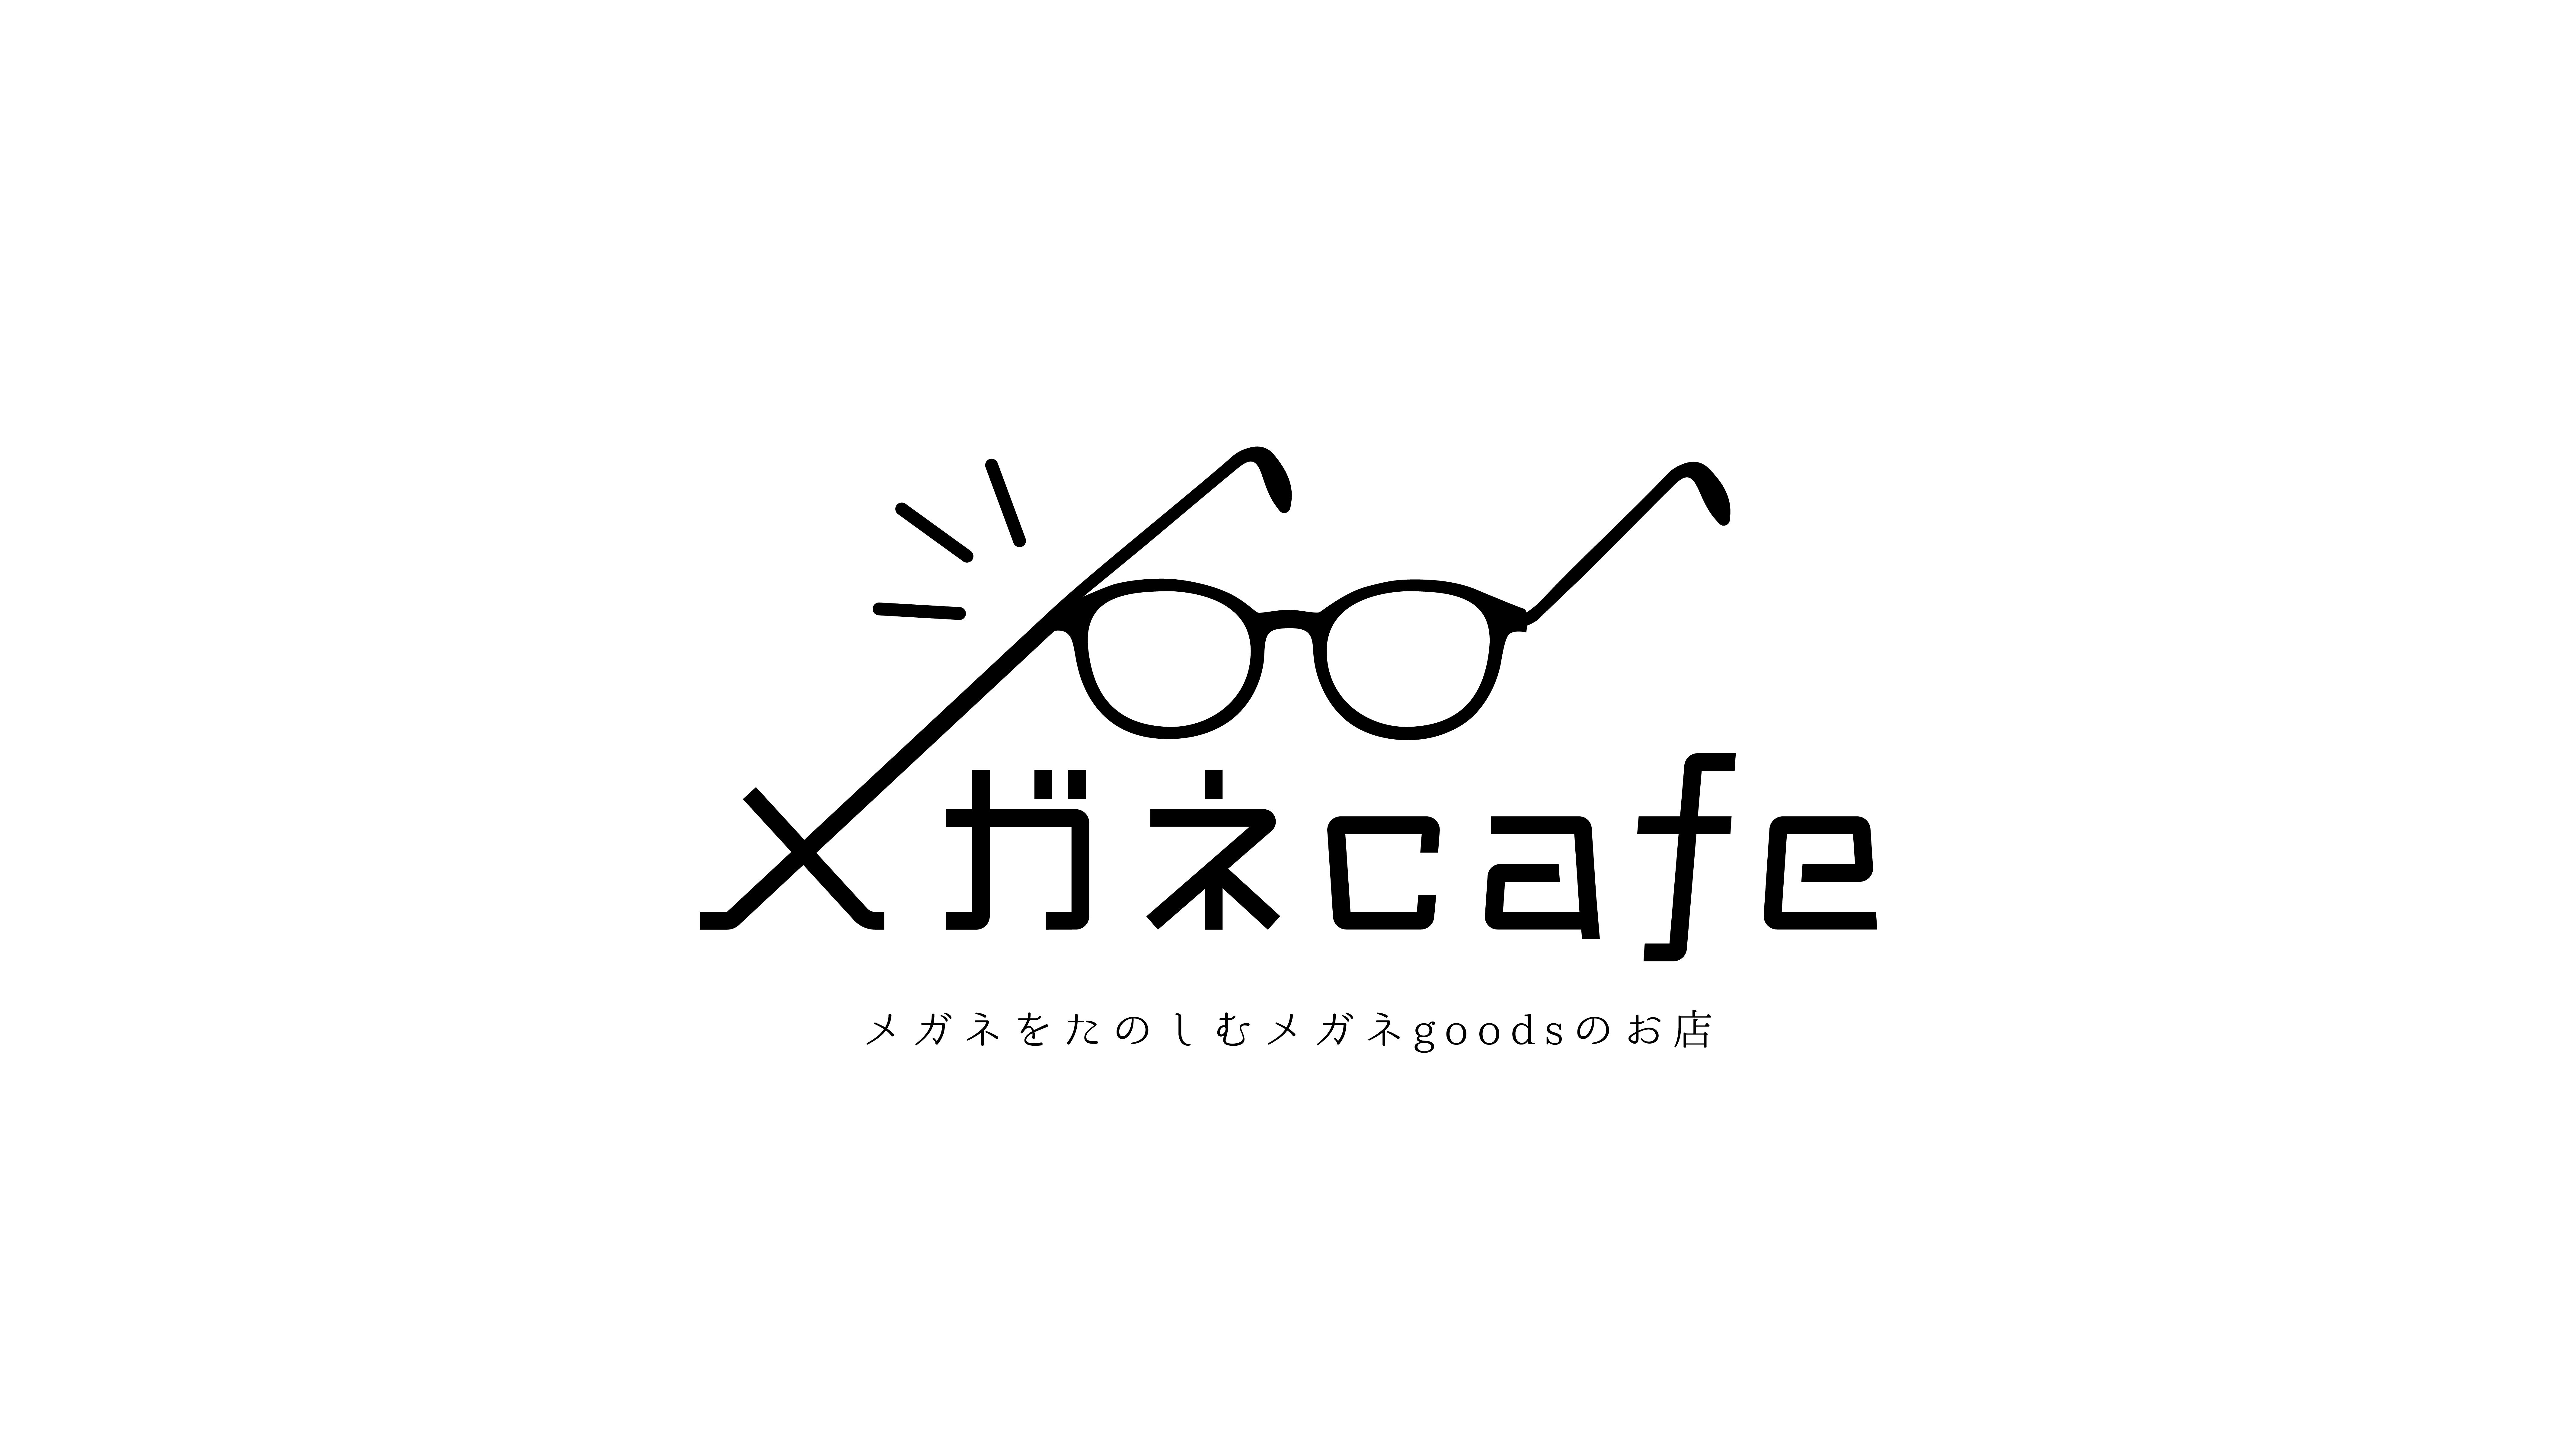 メガネcafeのロゴがあたらしくなりました。